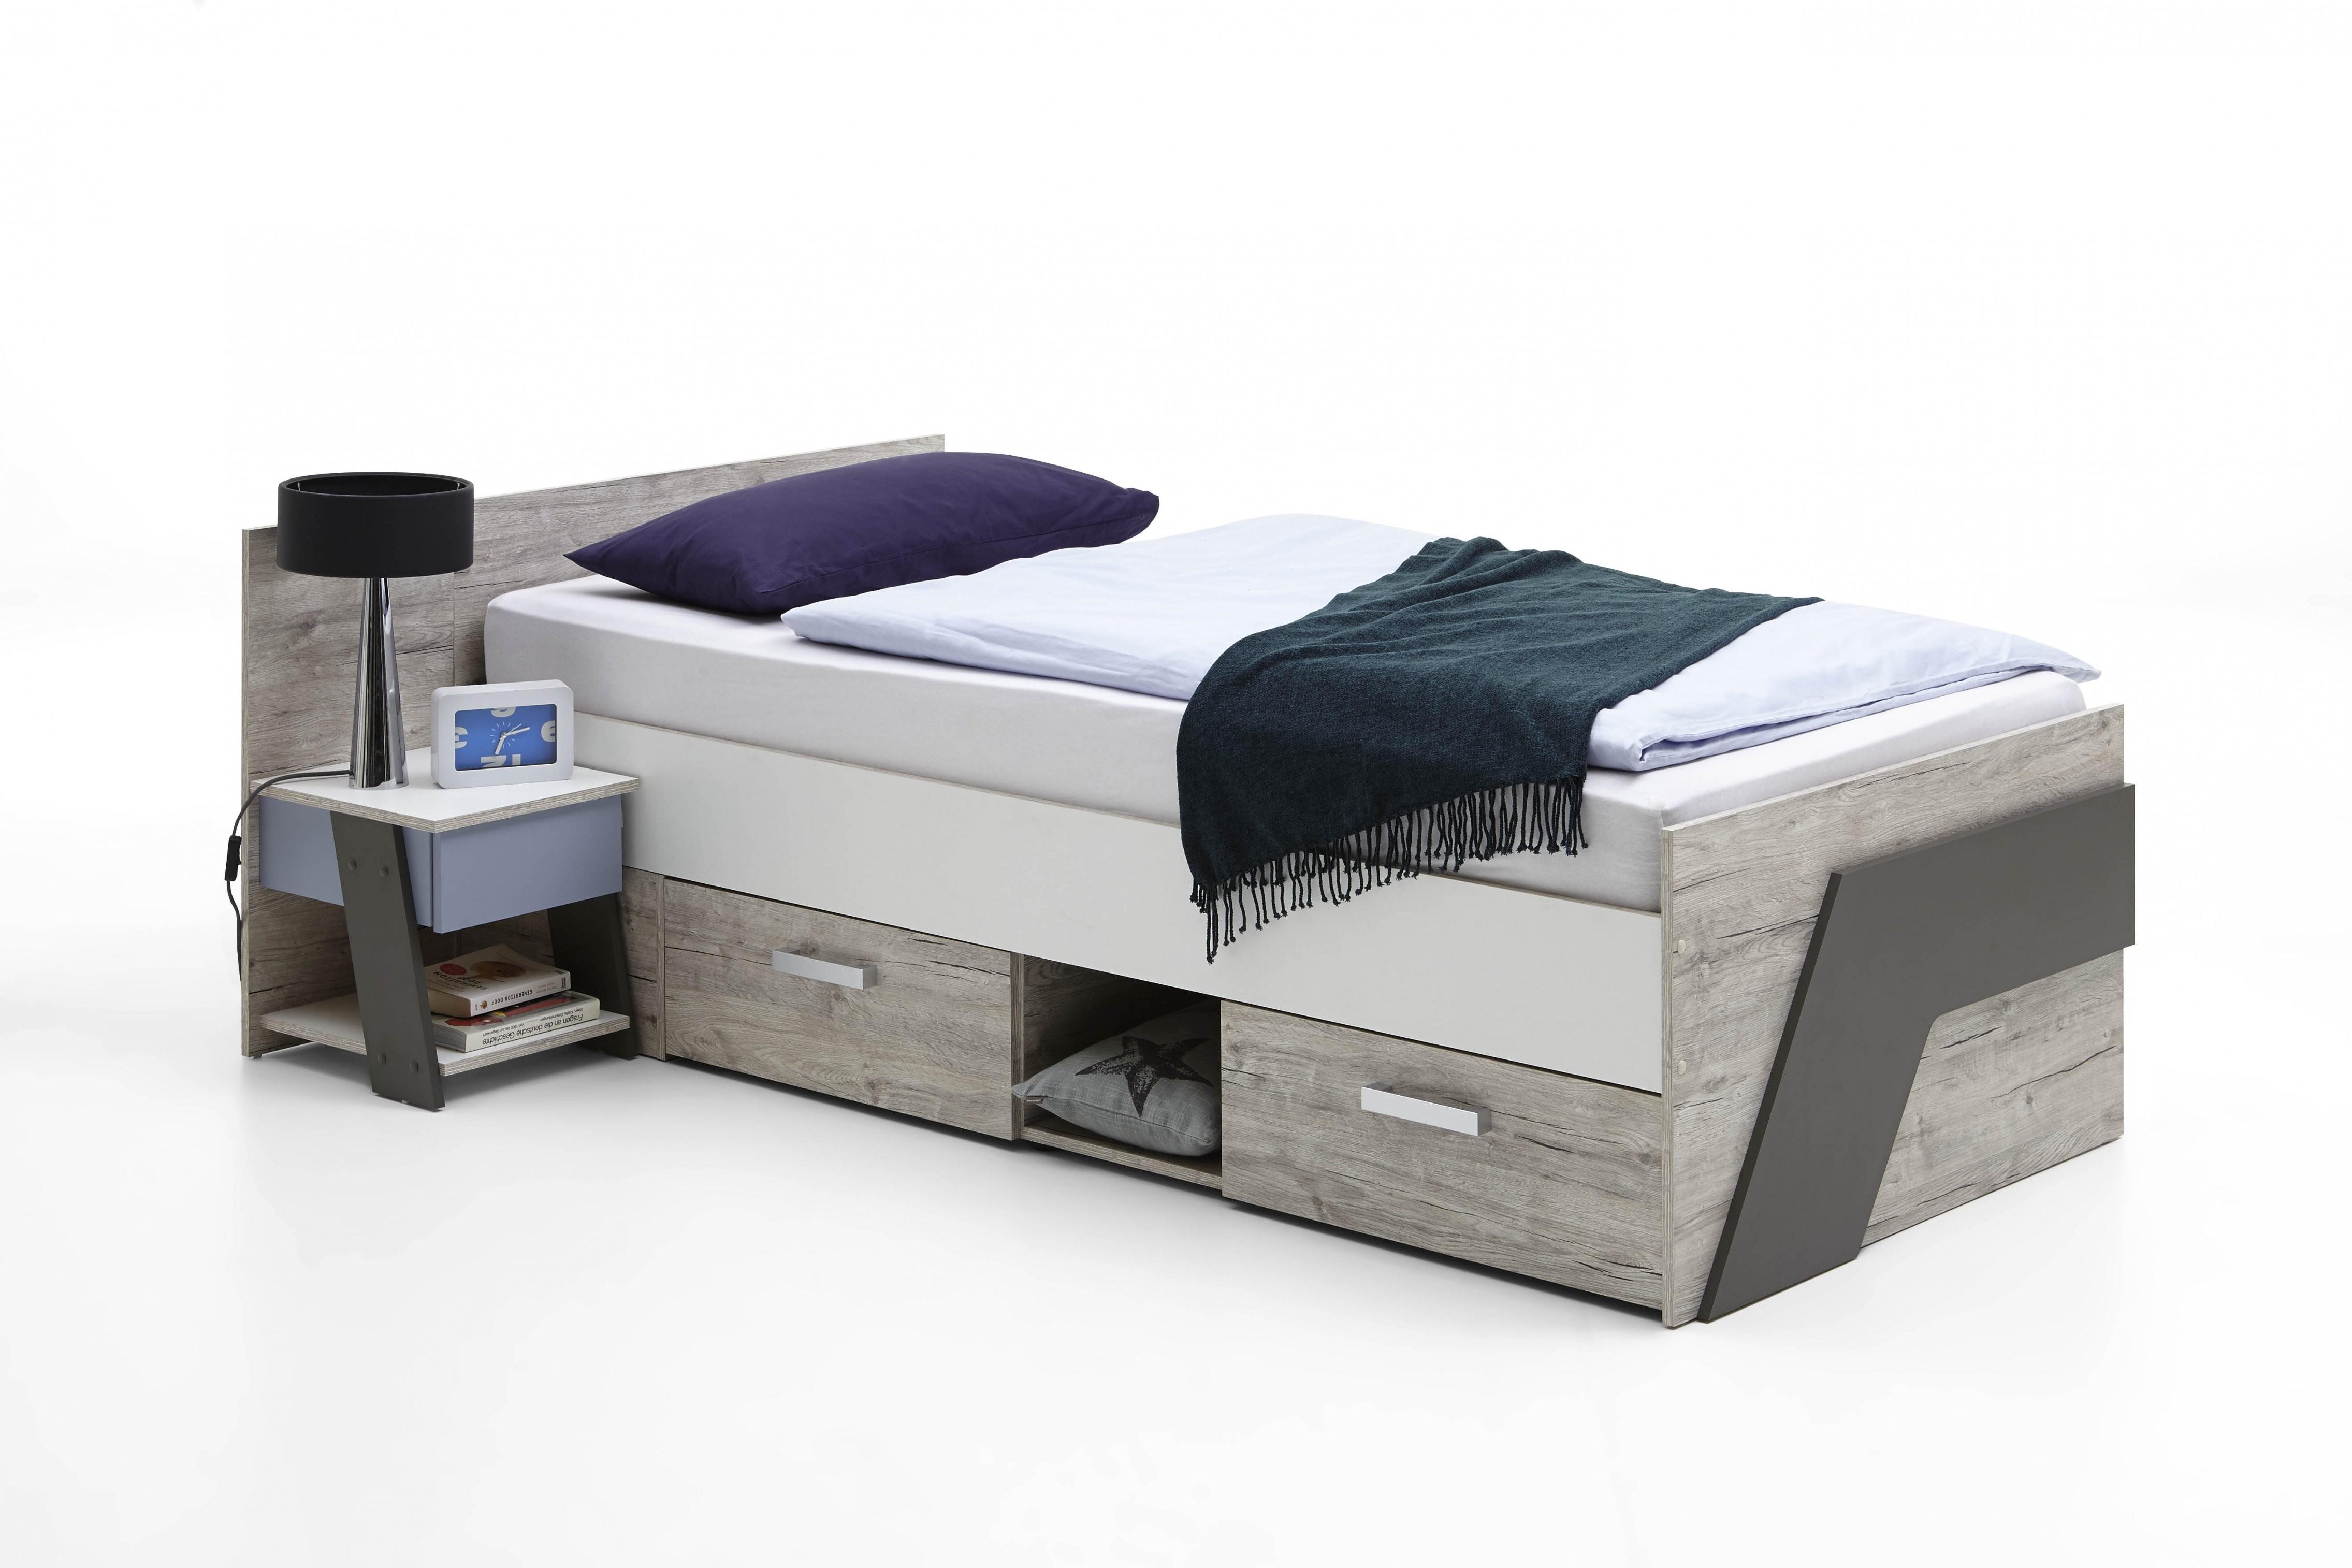 Nona 1 90X200 Bett Inkl 2 Schubladen Von Fmd Sandeiche  Weiß  Lava von Bett Weiß 90X200 Mit Schubladen Photo